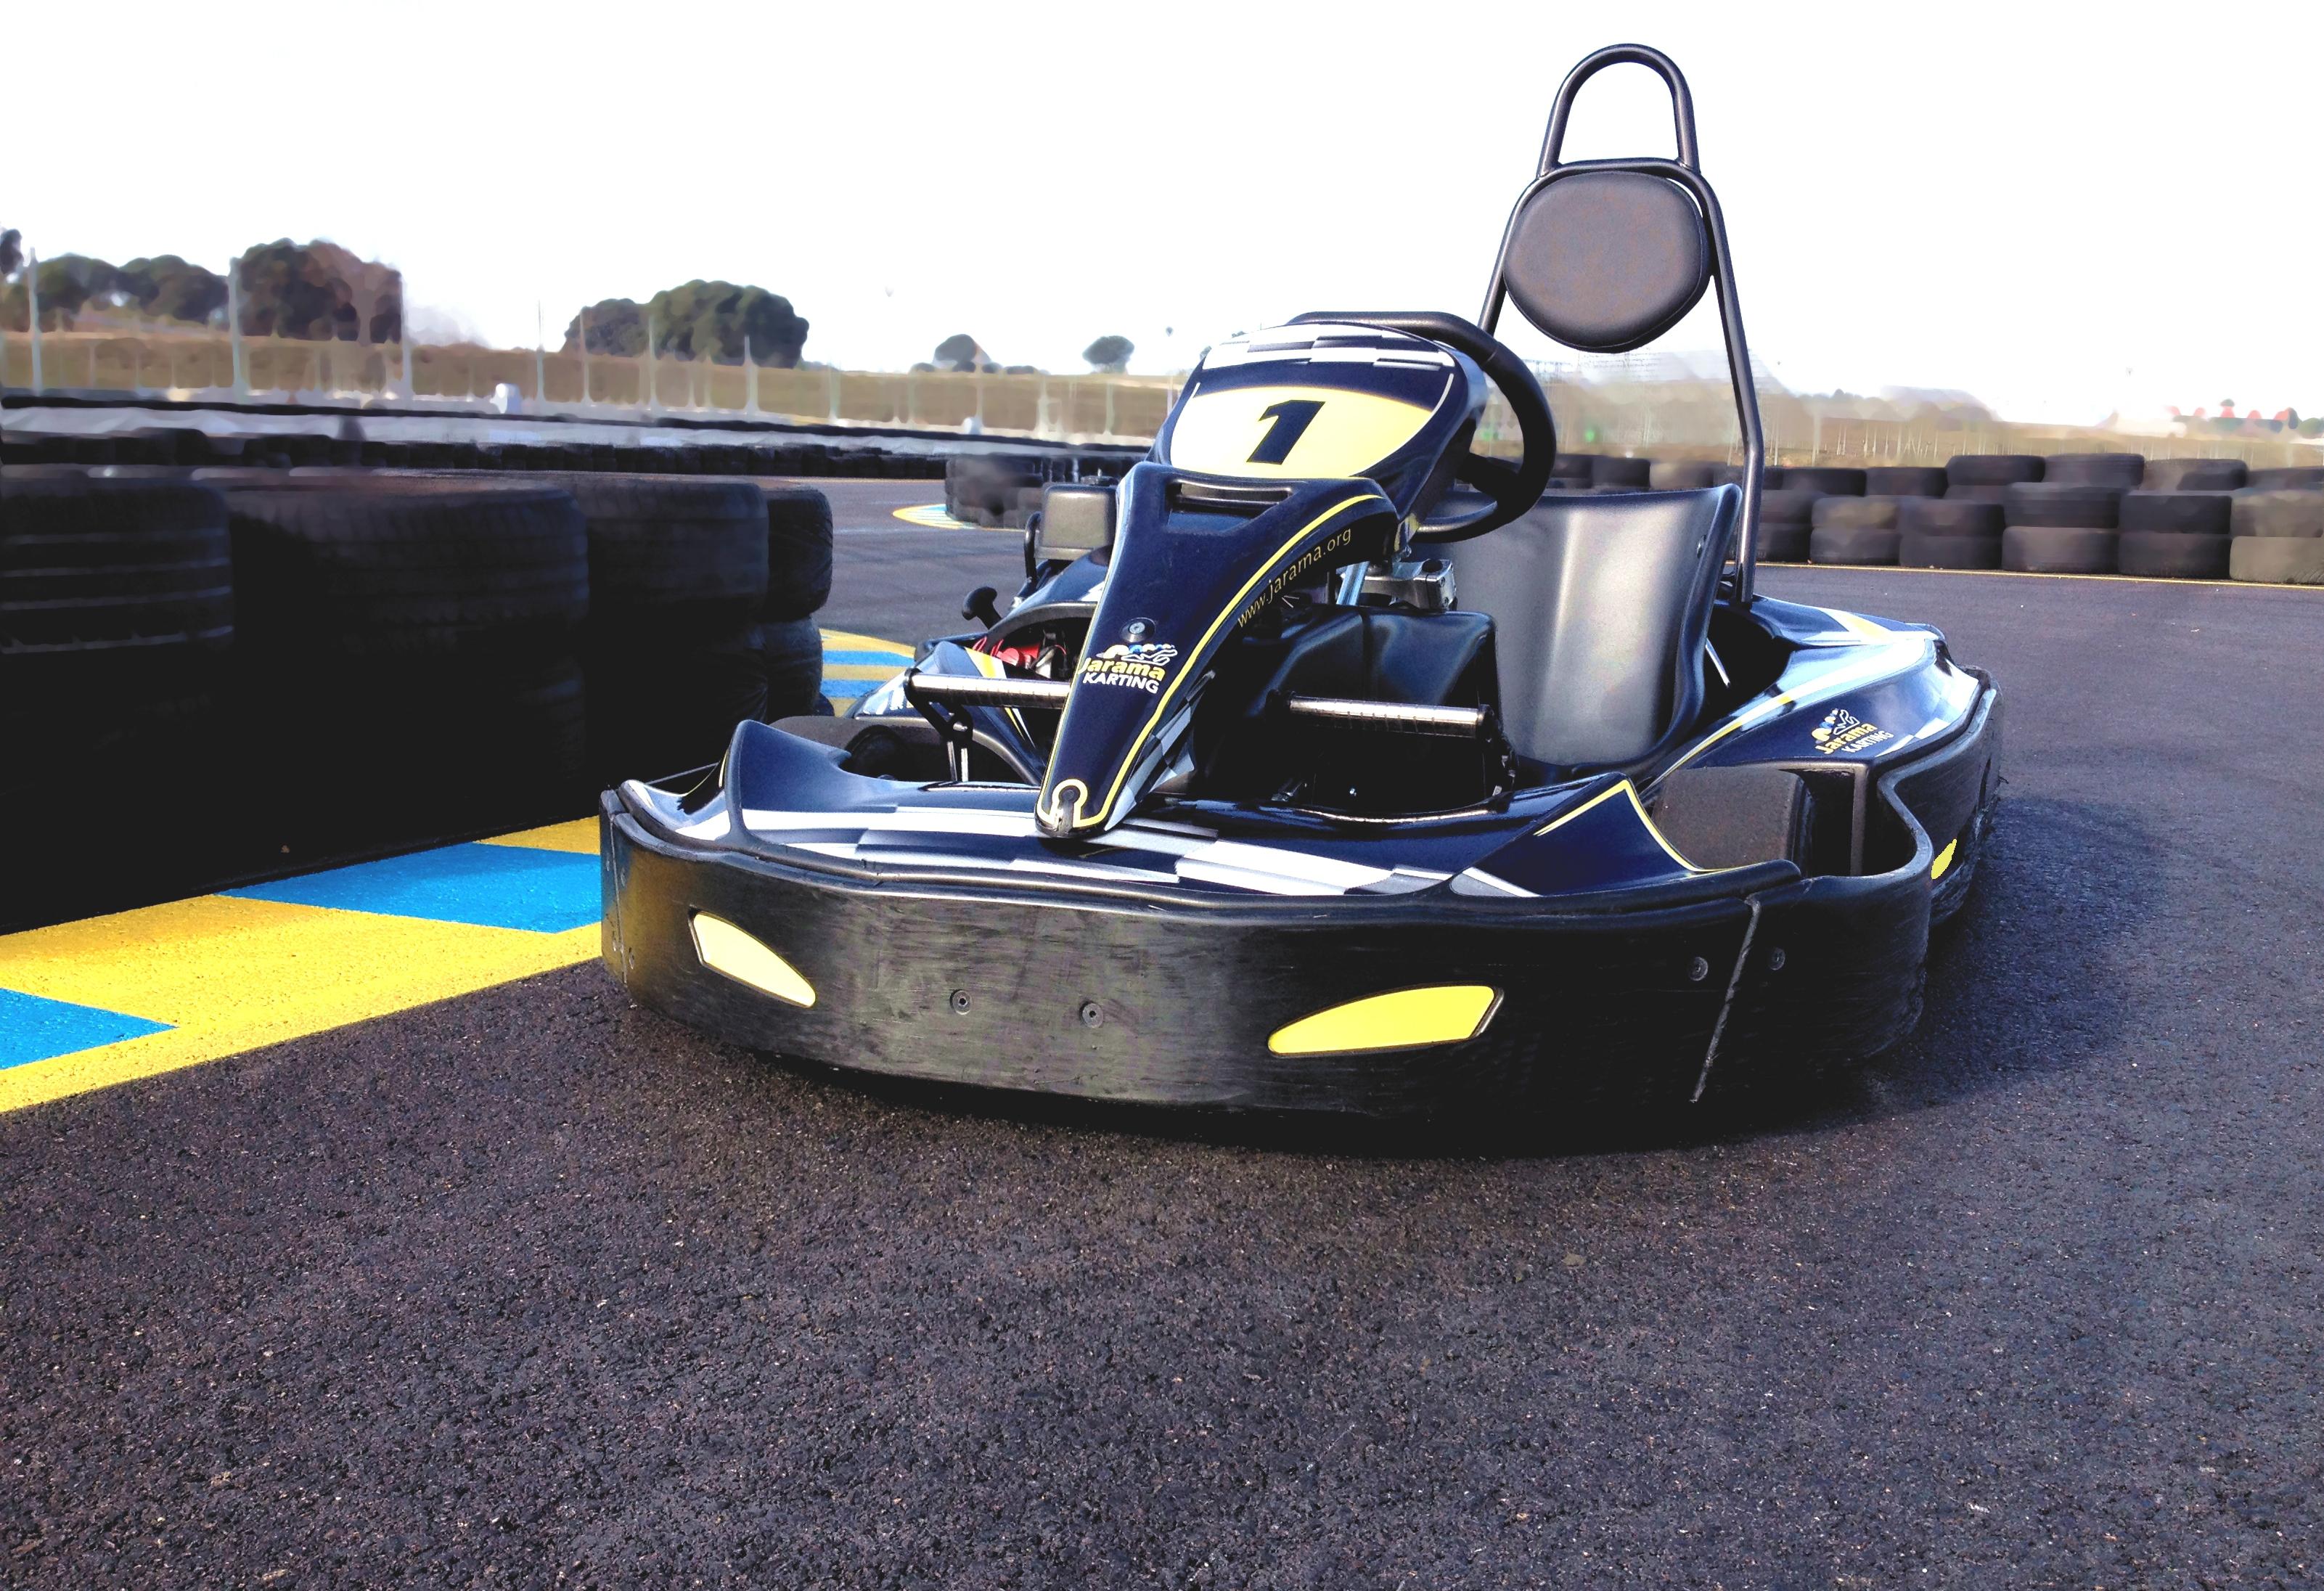 Circuito del Jarama Karting - Kart